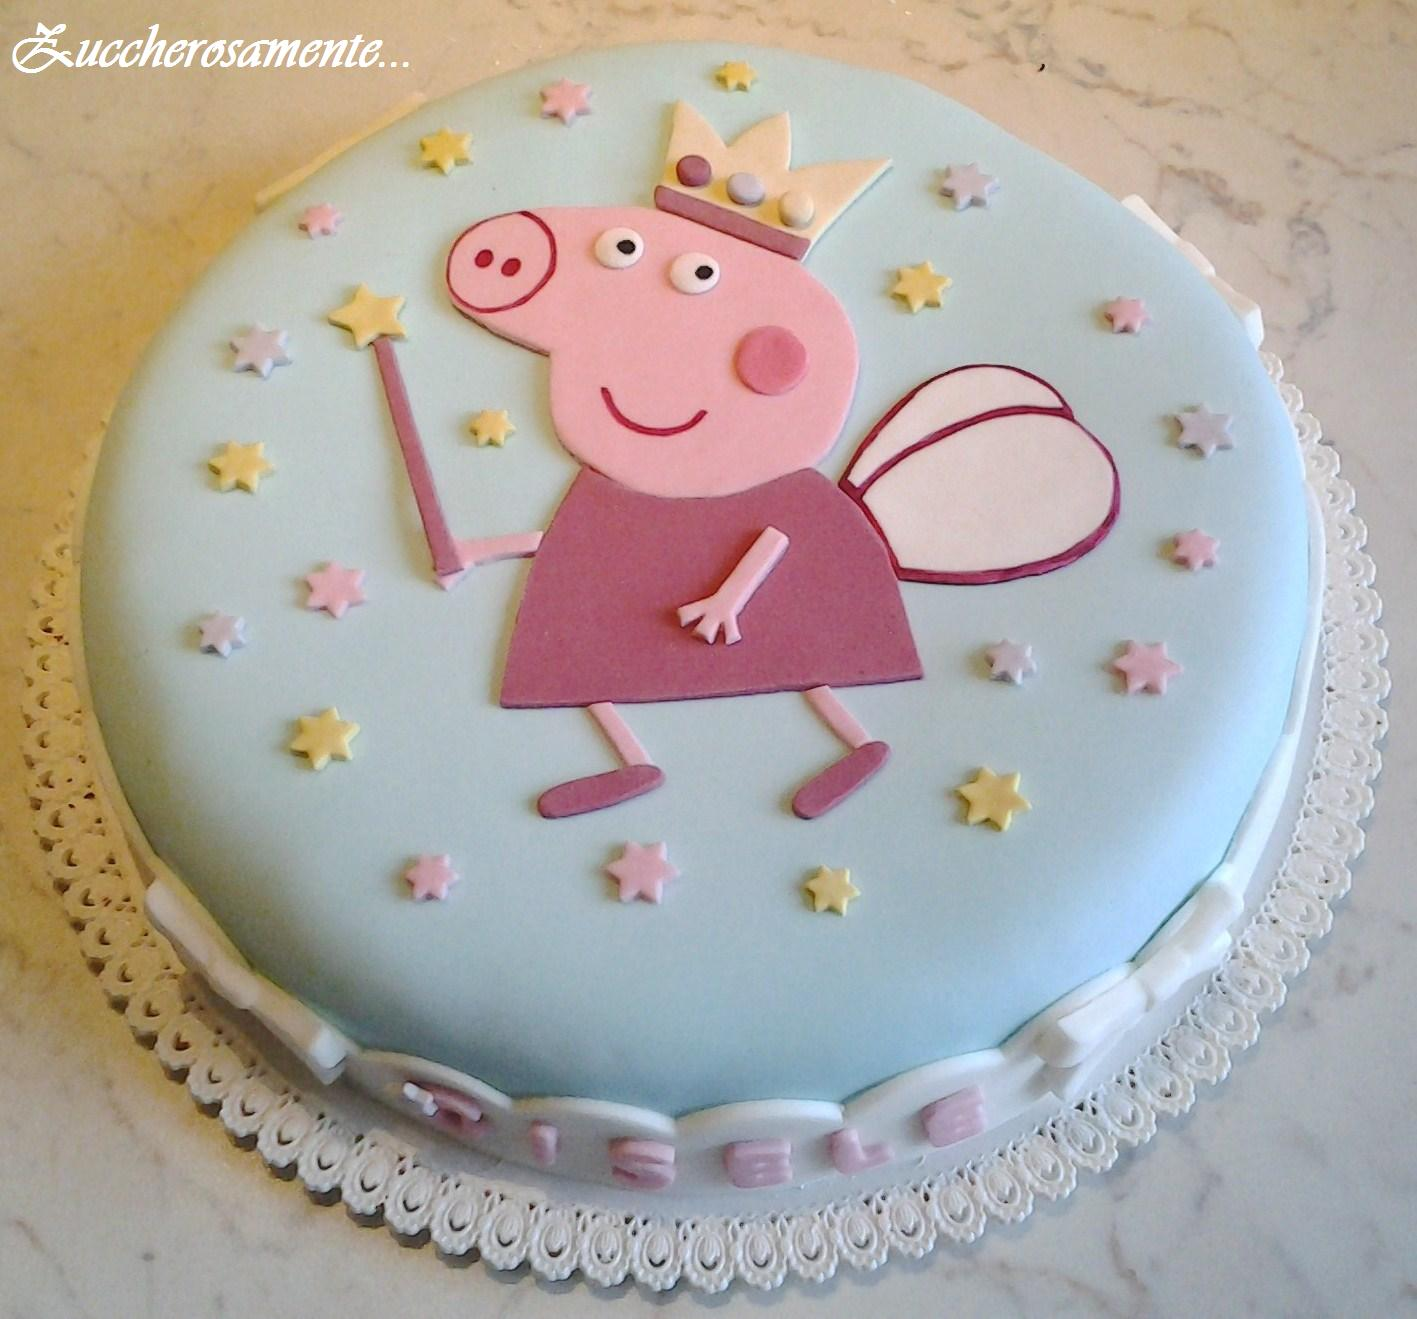 Детский торт своими руками. Торт со свинкой Пеппой 7